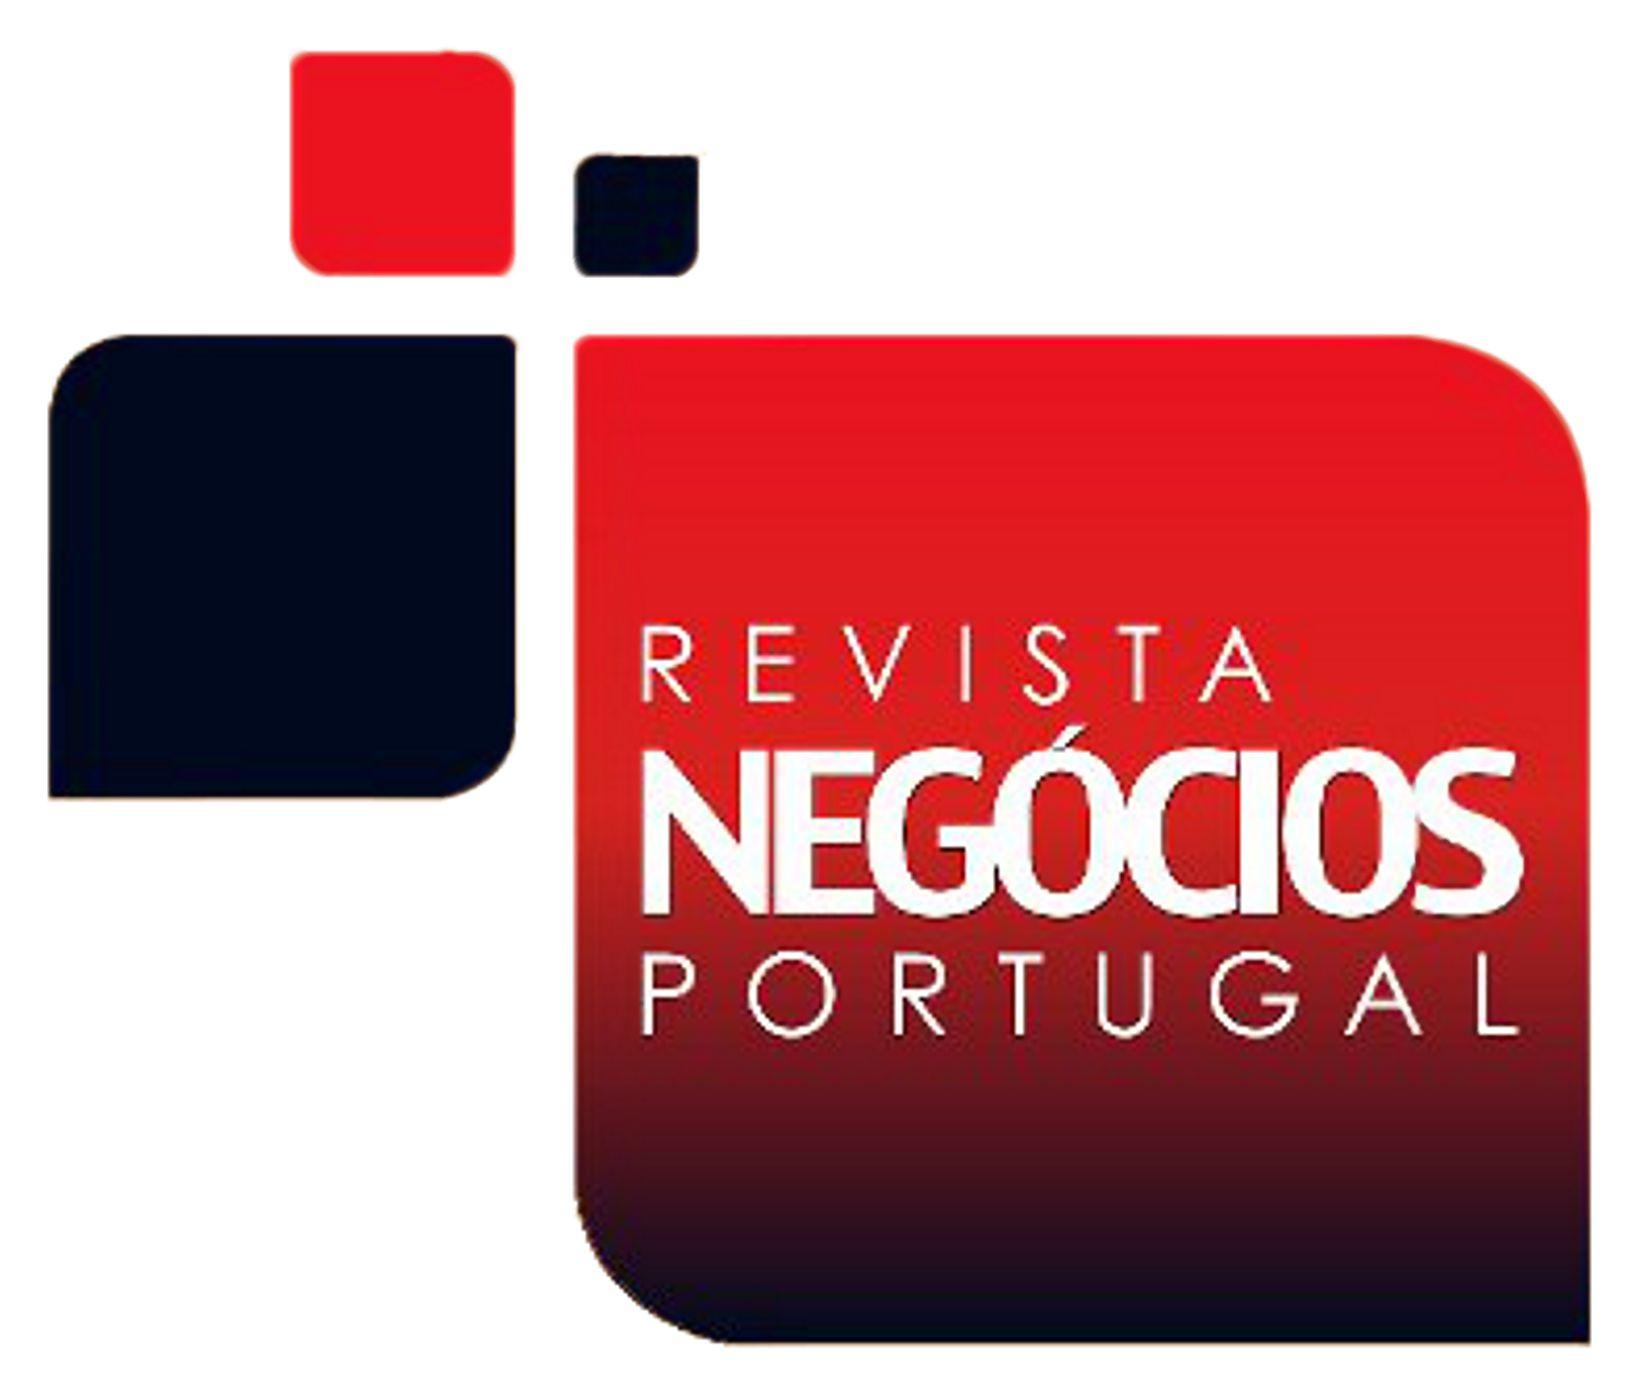 NP-logo.jpg